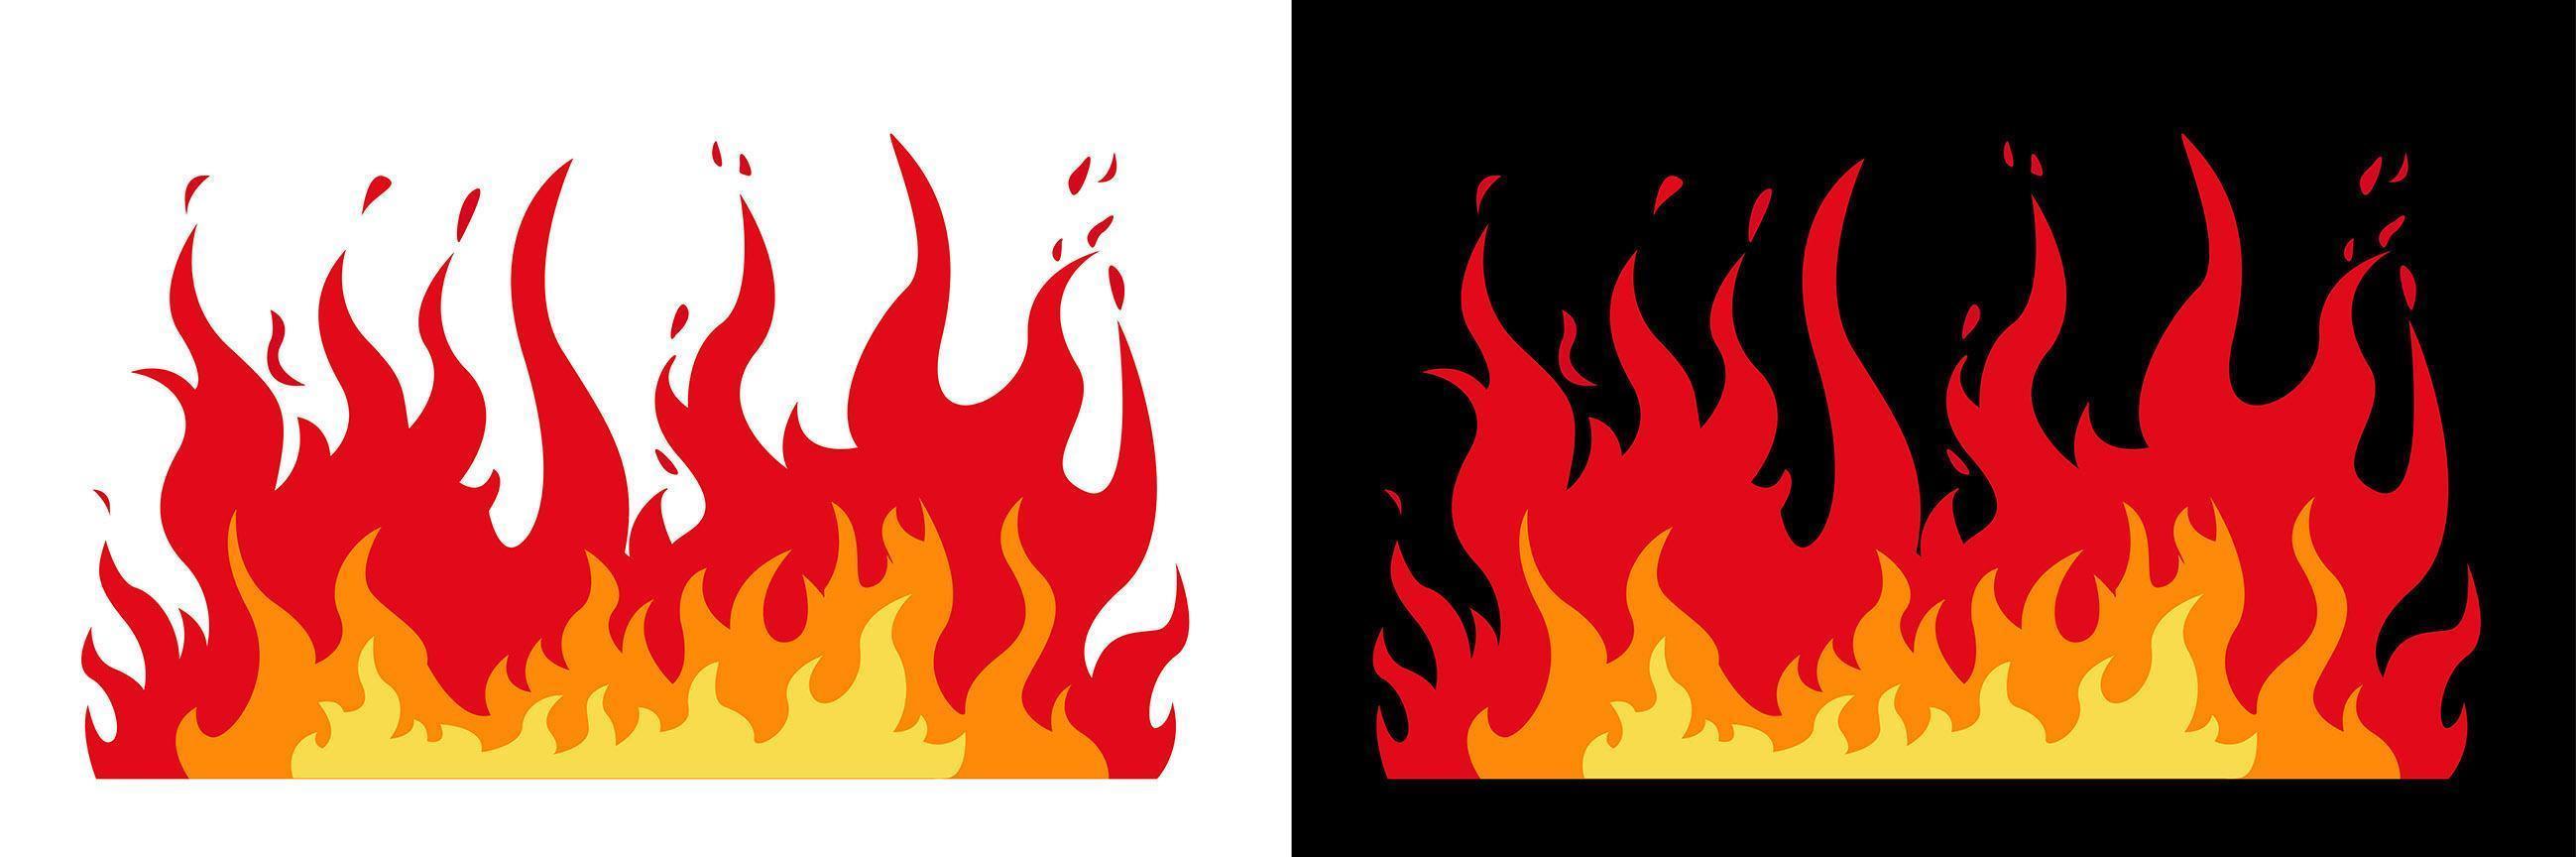 design de chamas de fogo vetor